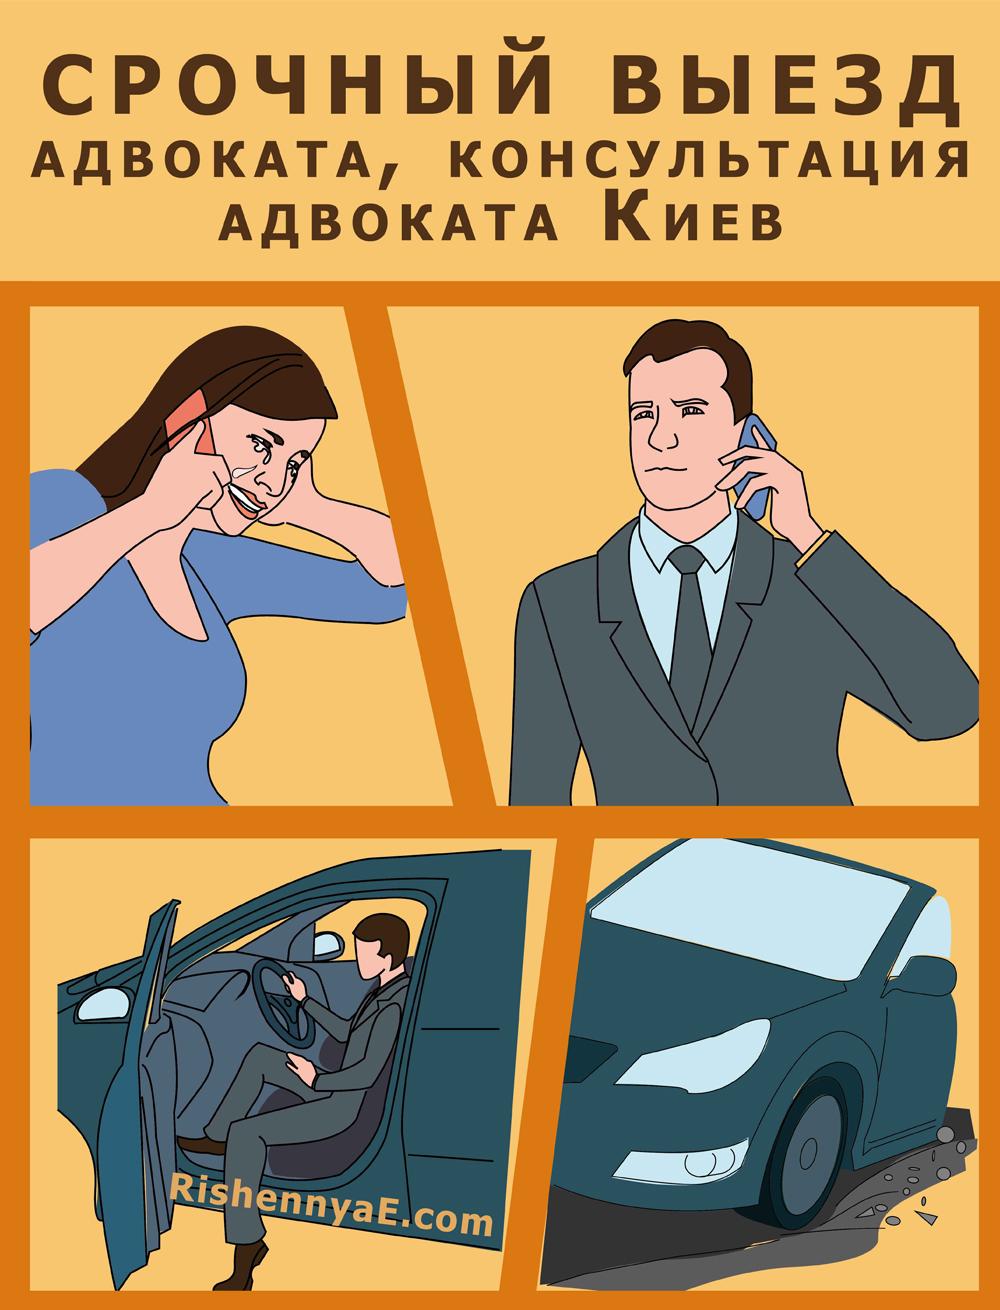 Срочный выезд адвоката, консультация адвоката Киев http://rishennyae.com